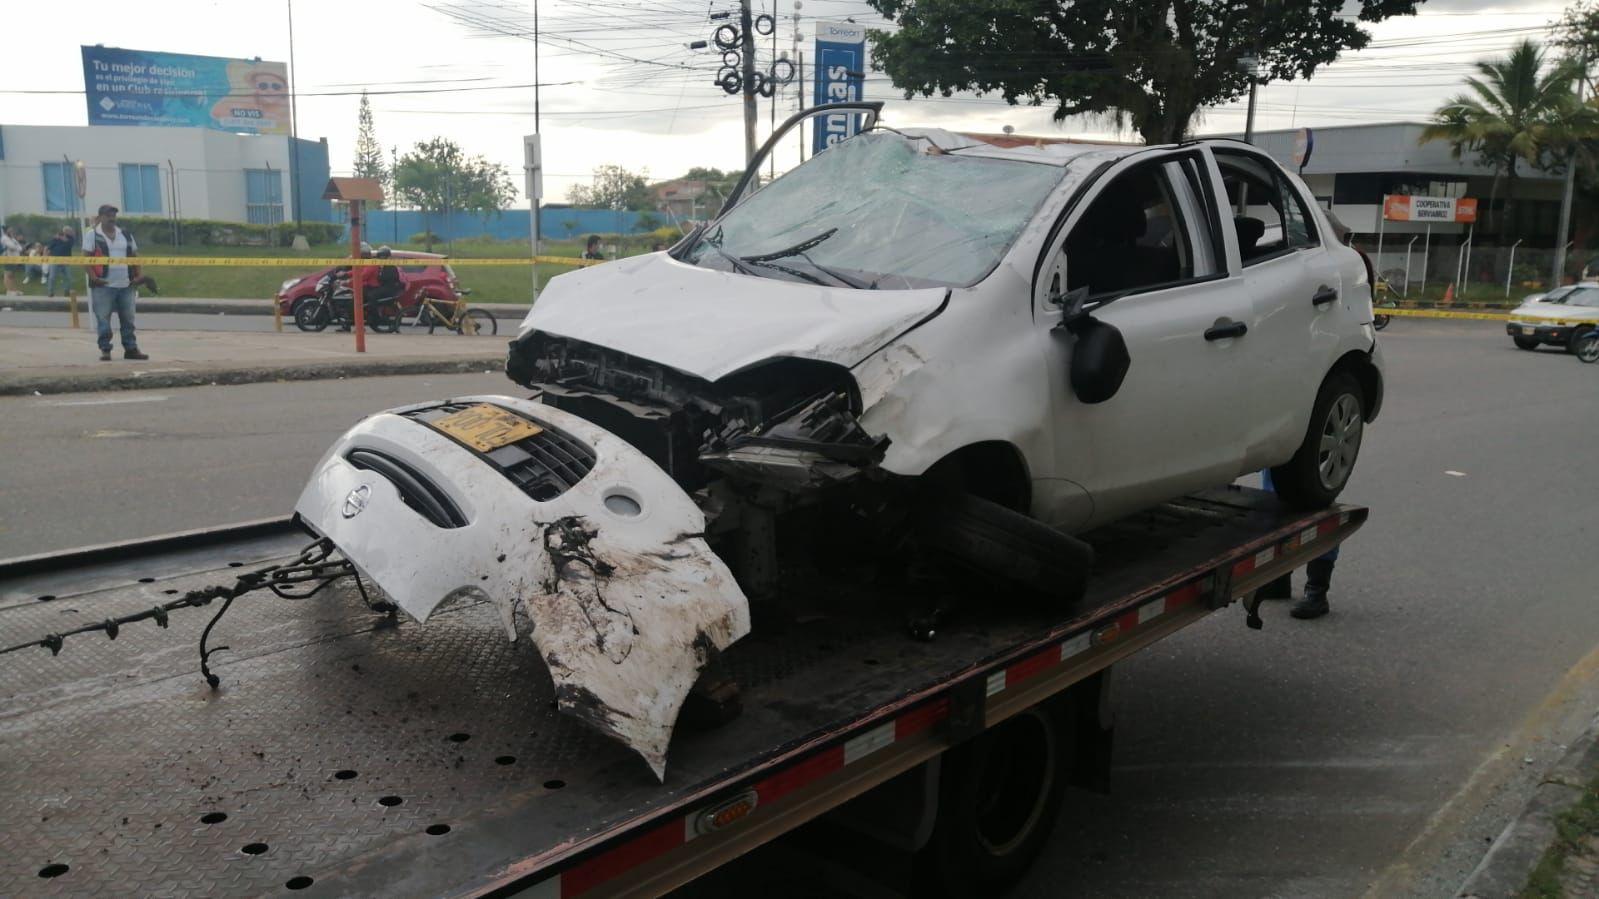 Borracho al volante mató a vigilante en el sector de Mirolindo 6